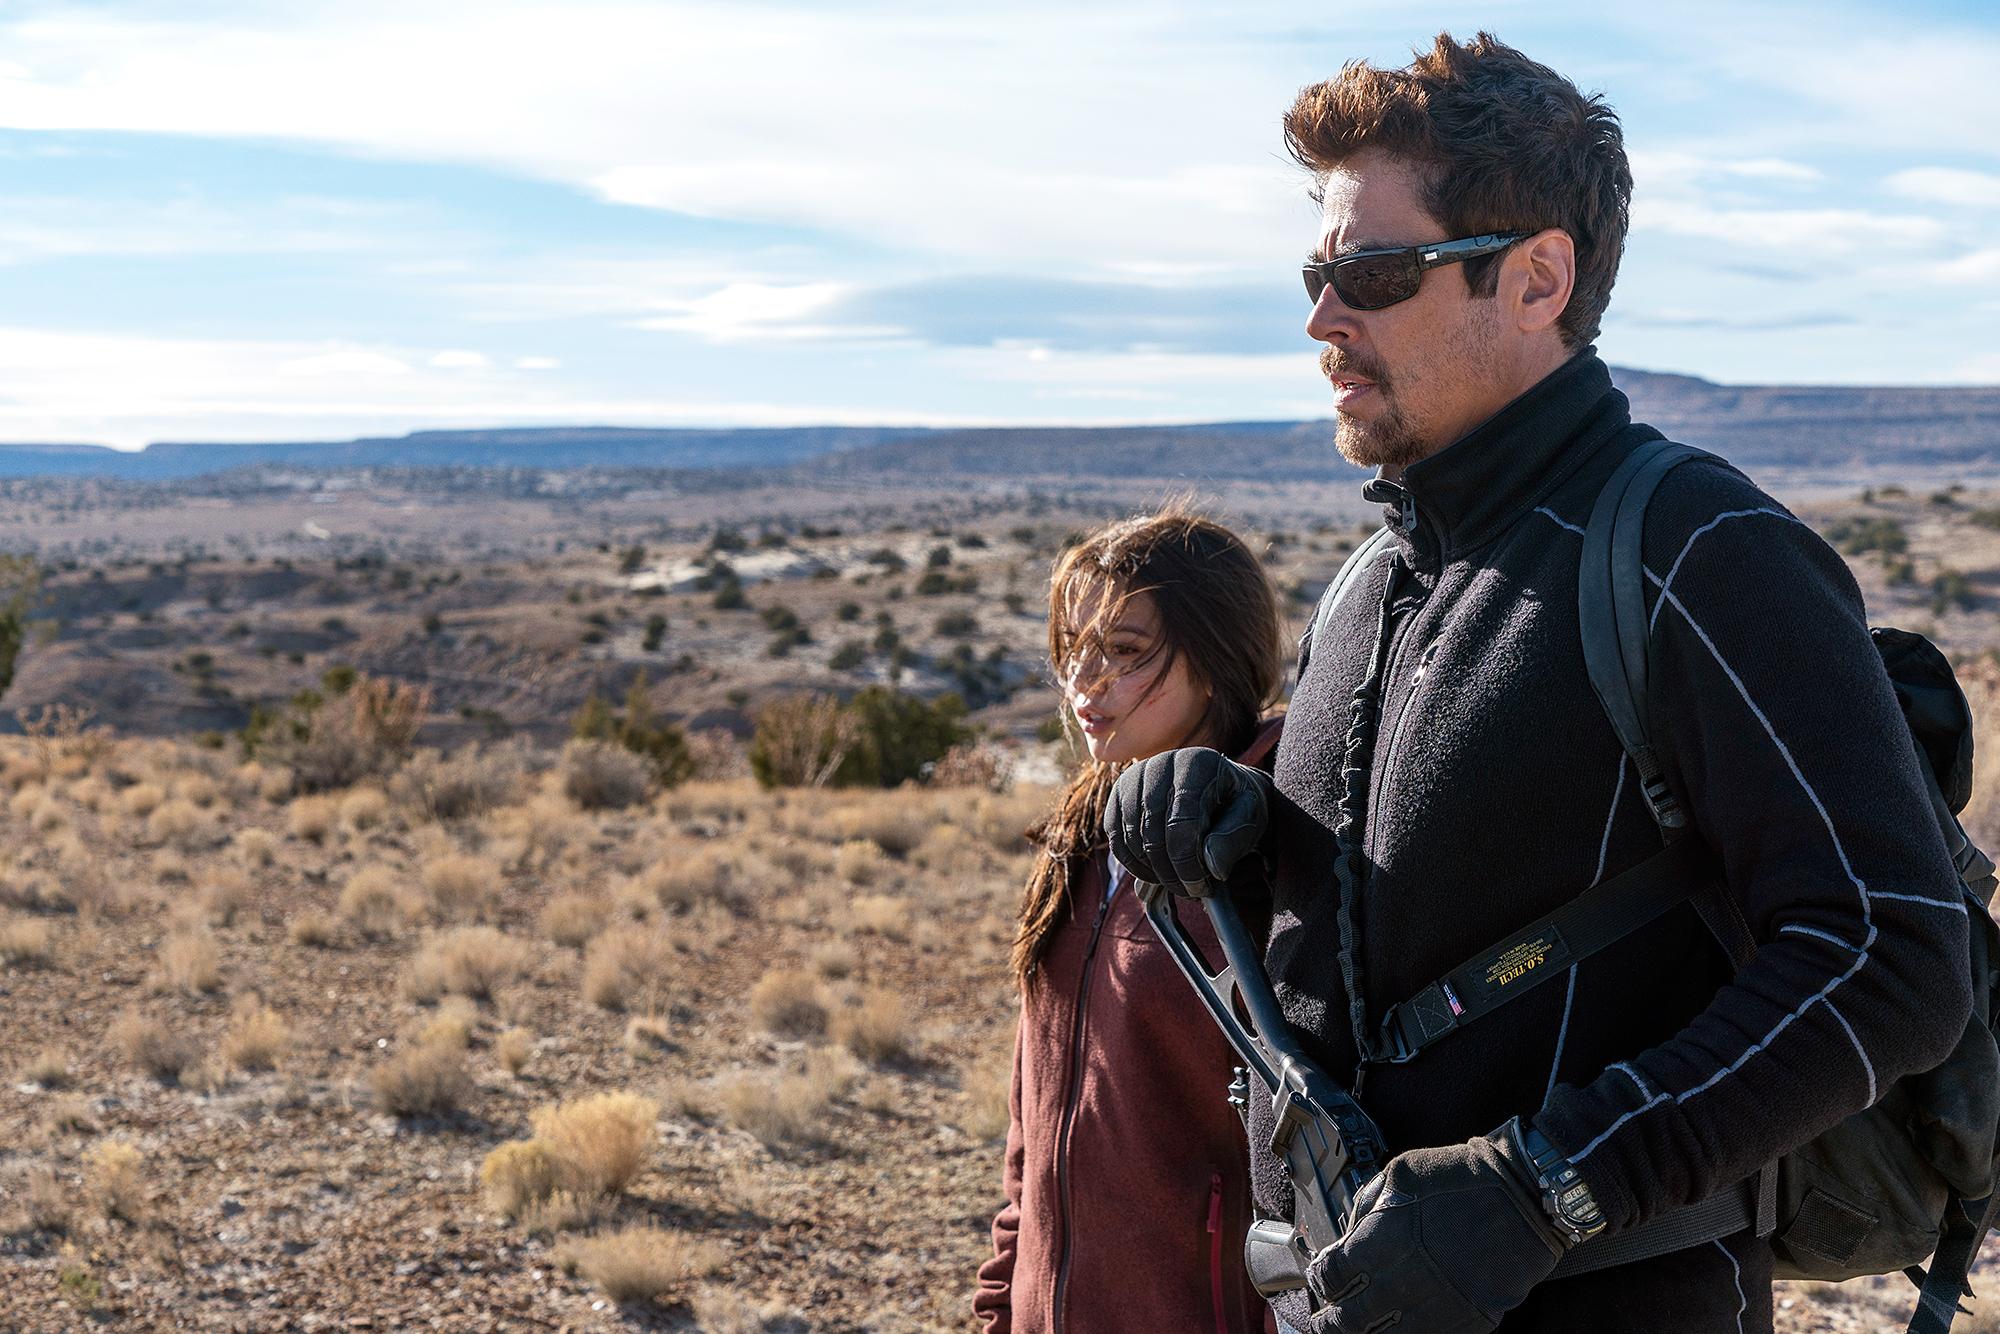 Benicio Del Toro Isabela Moner Sicario Day of the Solda - Benicio Del Toro and Isabela Moner in 'Sicario: Day of the Soldad.